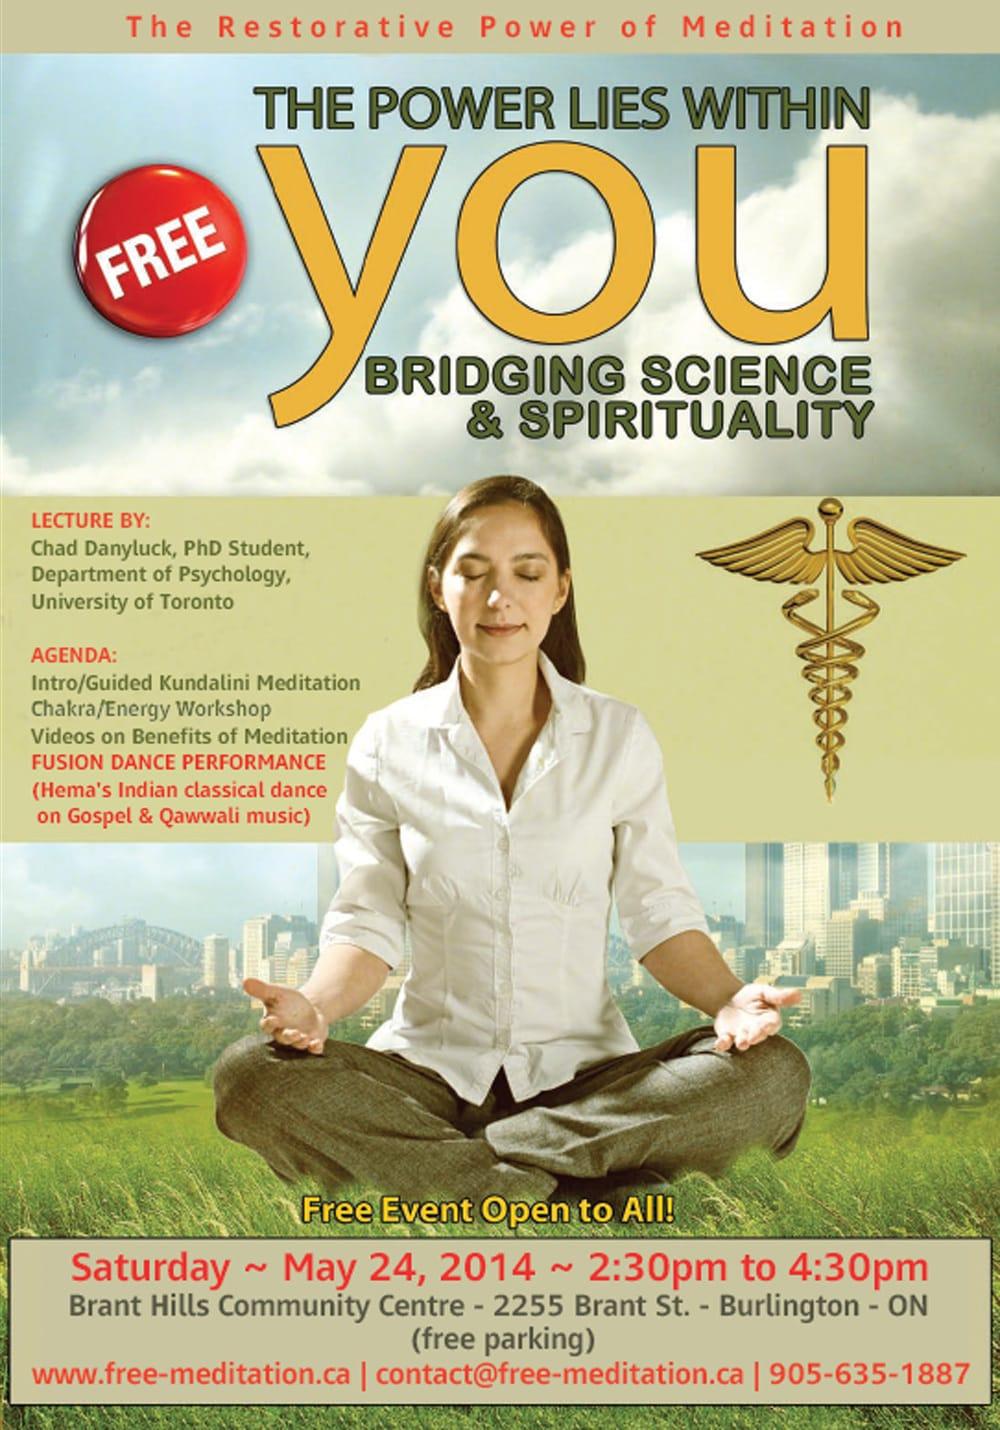 Poster - Free sahaja yoga program -